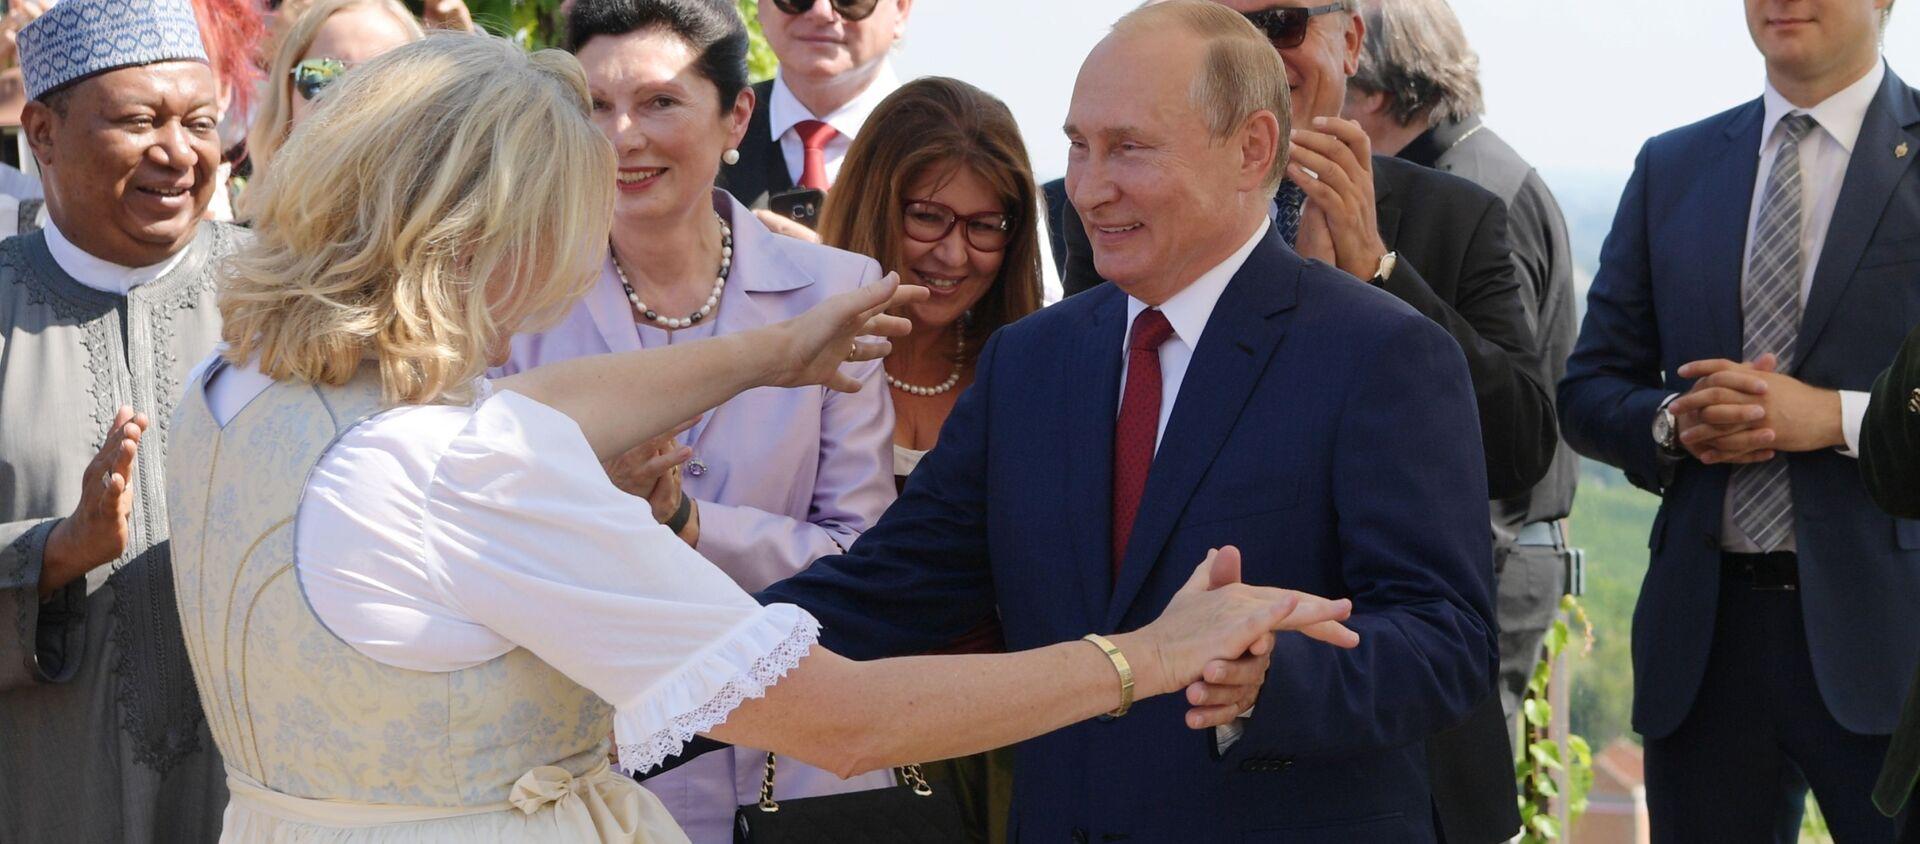 Tổng thống Vladimir Putin khiêu vũ với Ngoại trưởng Áo Karin Kneissl trong đám cưới của bà - Sputnik Việt Nam, 1920, 09.03.2019